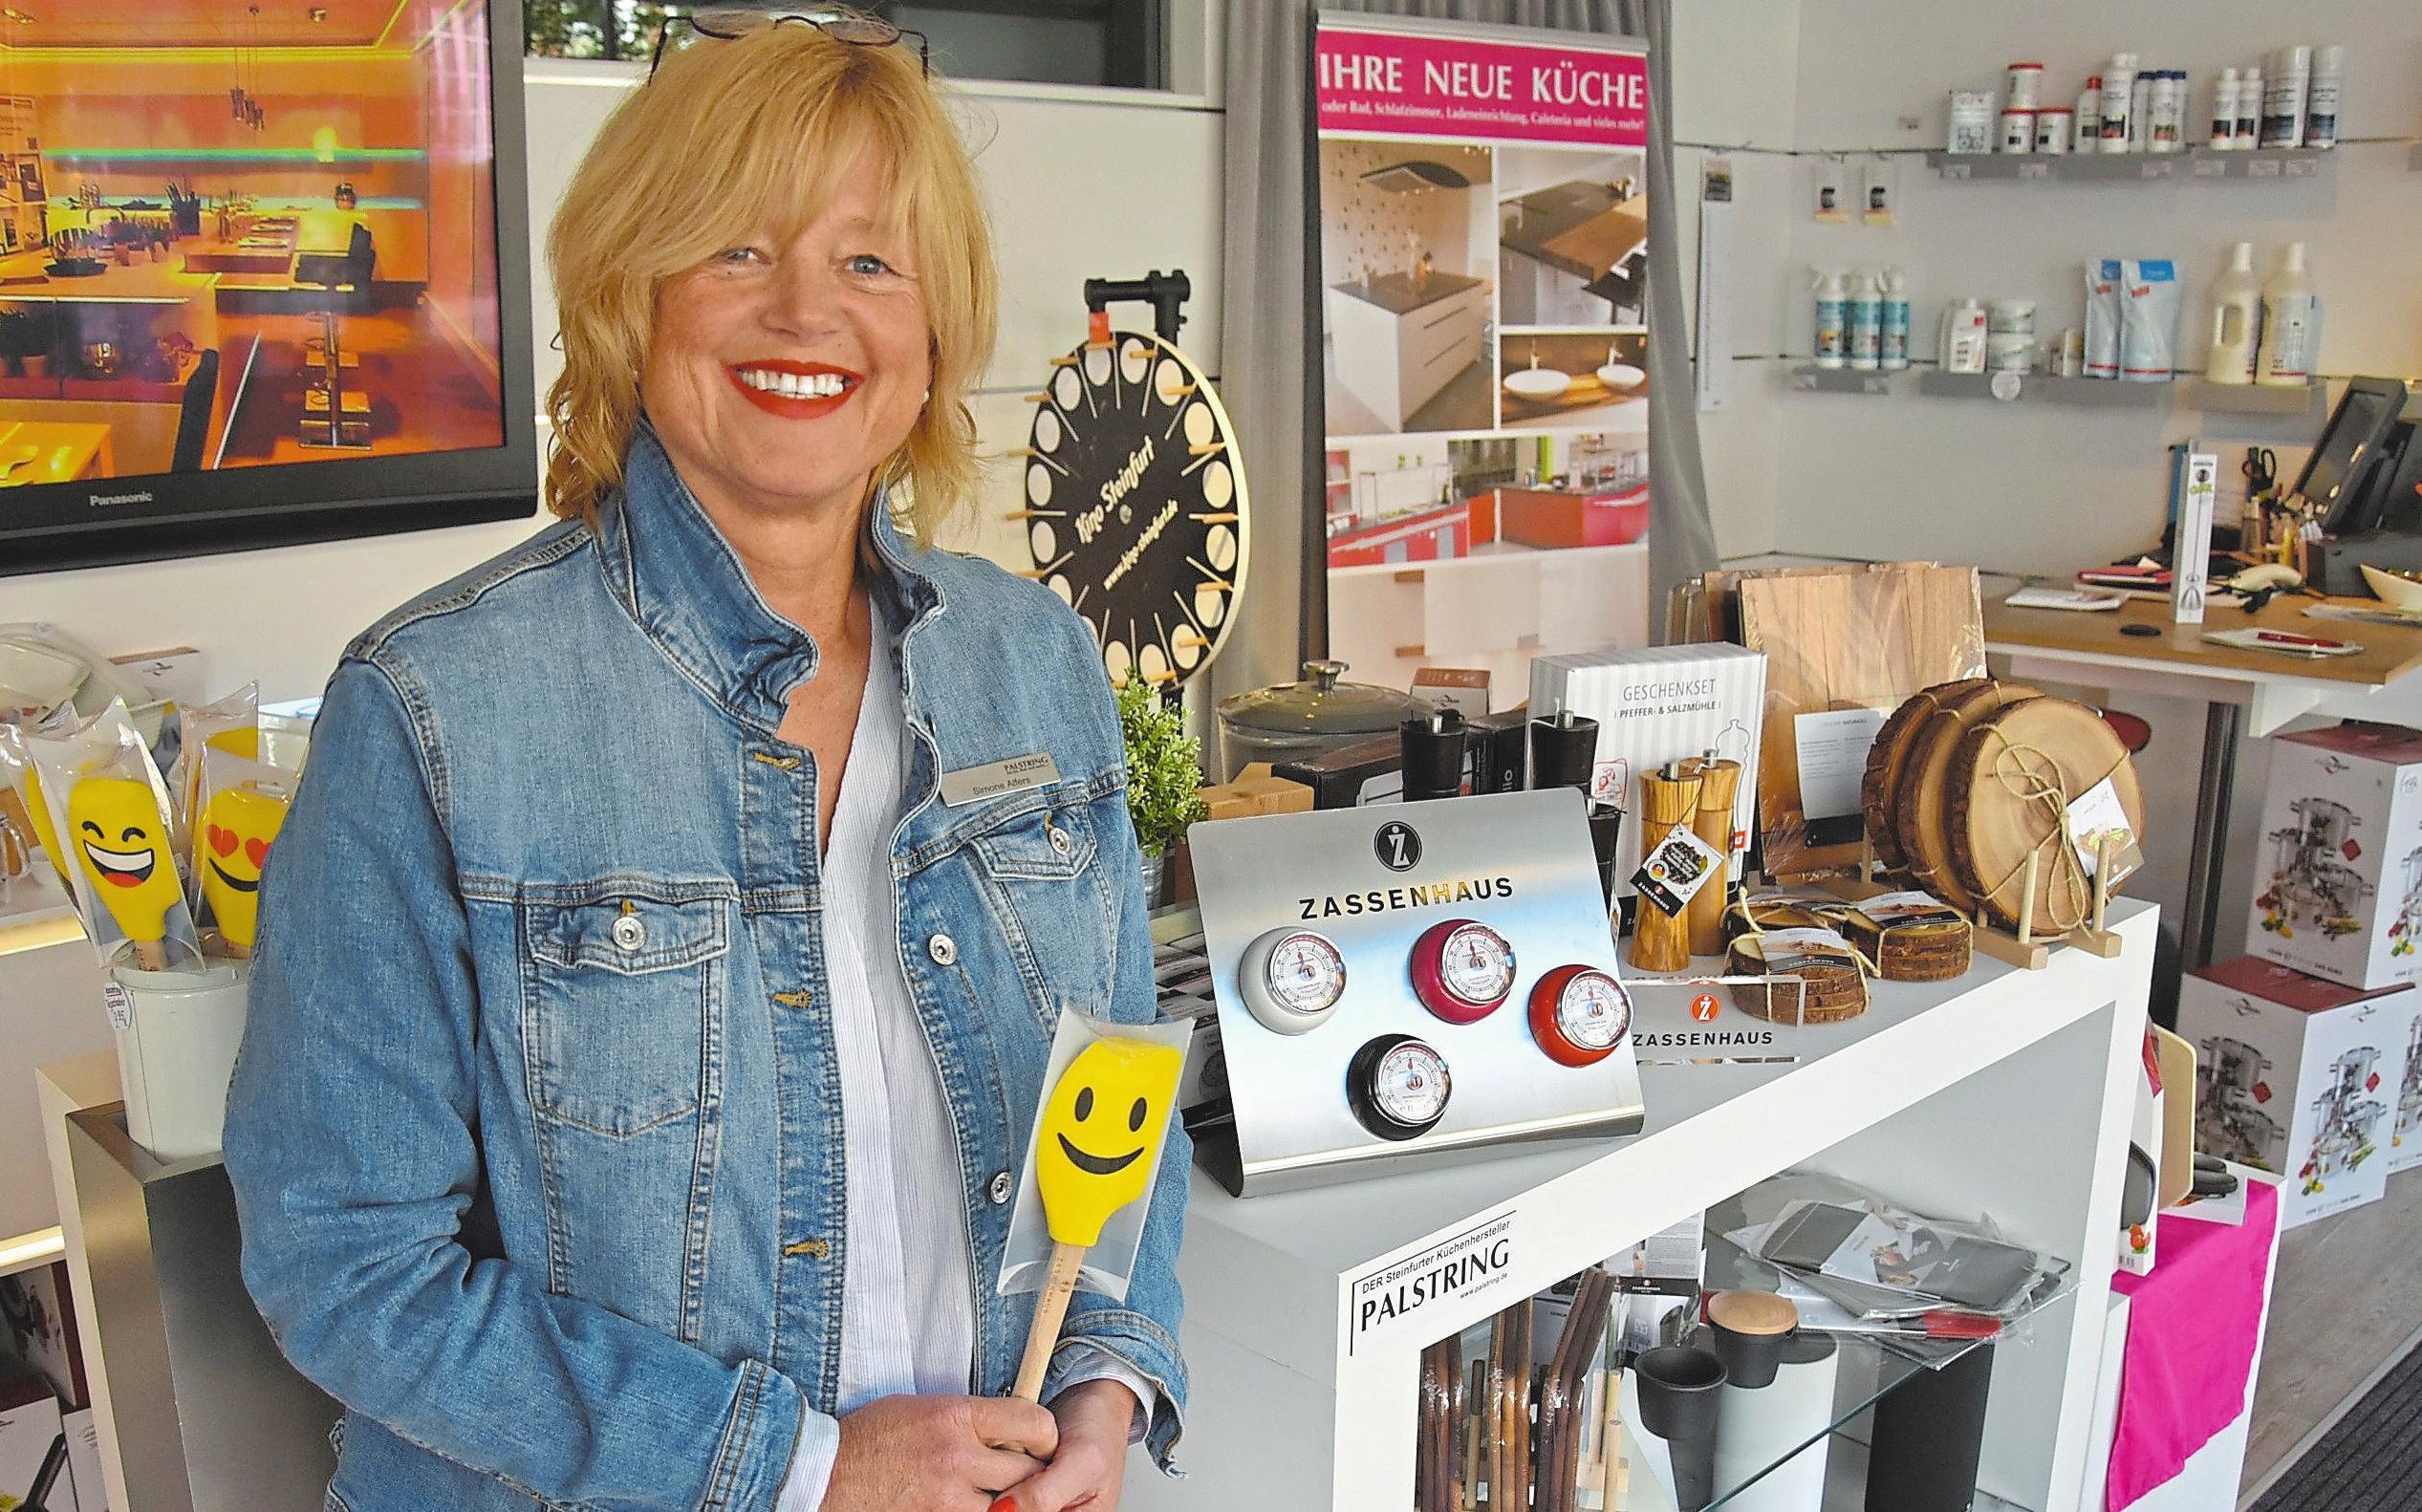 Von den hochwertigen Produkten des Herstellers Zassenhaus ist nicht nur Showroom-Mitarbeiterin Simone Alfers überzeugt, sondern bereits auch viele ihrer zufriedenen Kunden.